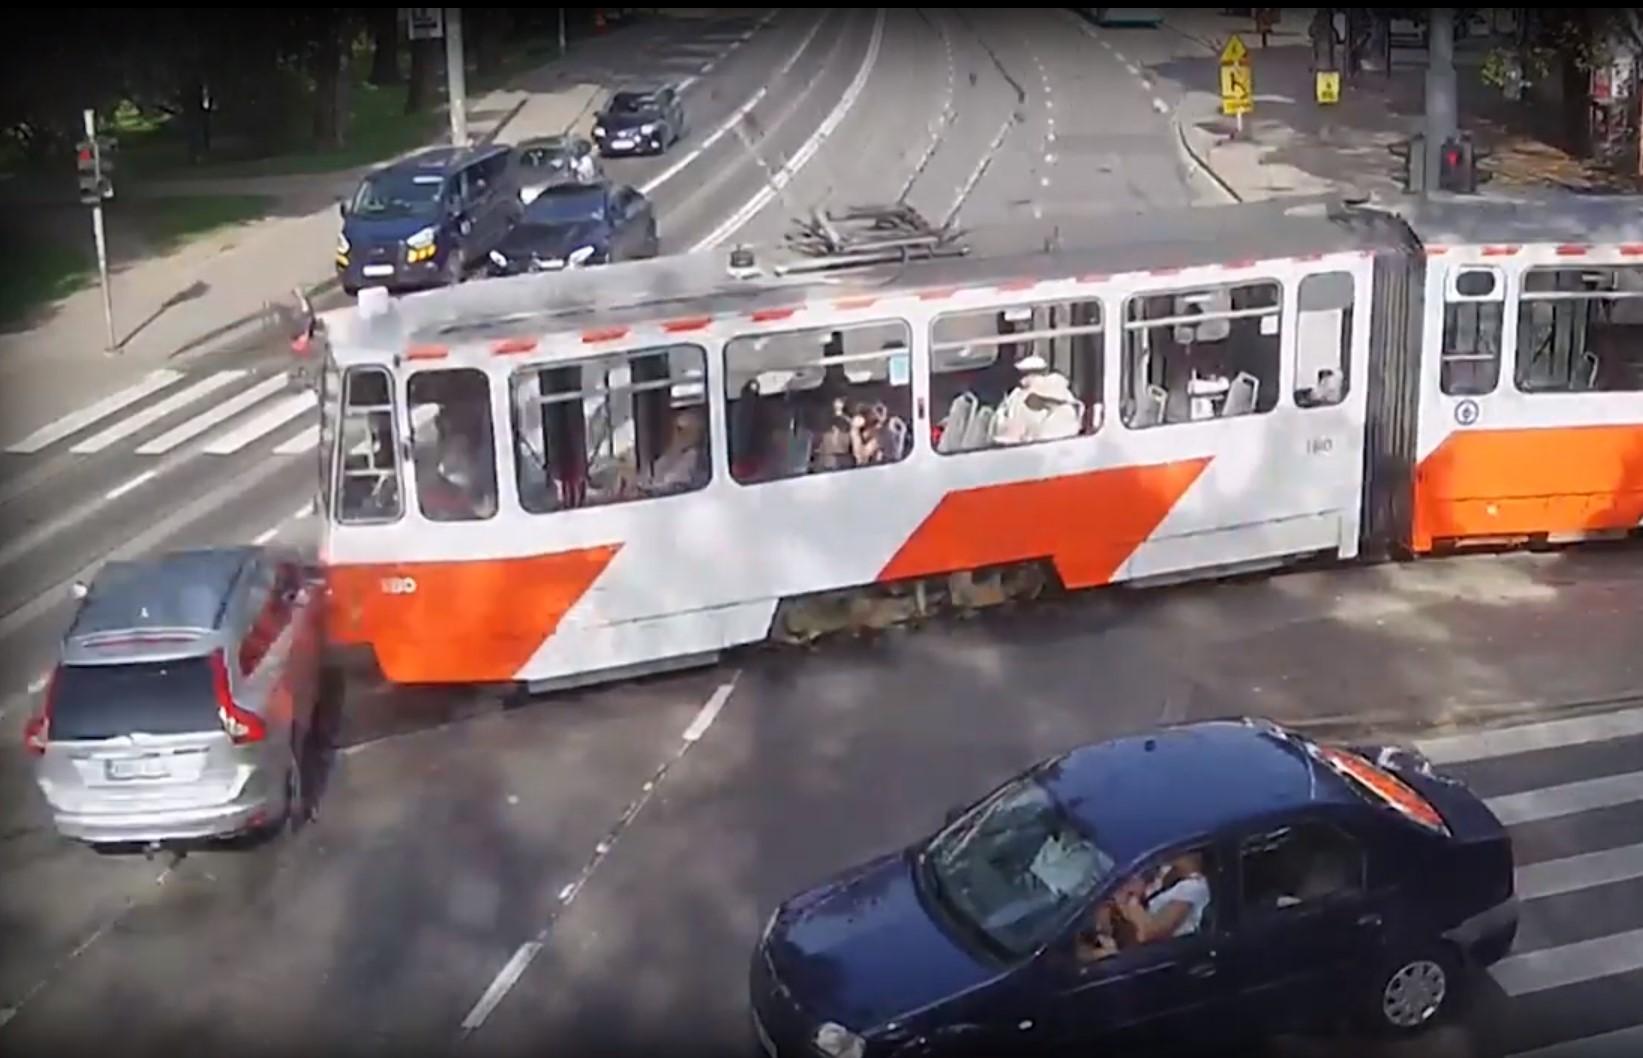 Liikluskaamera: videod olukordadest, kus ristmikul kohtuvad auto ja ühissõiduk